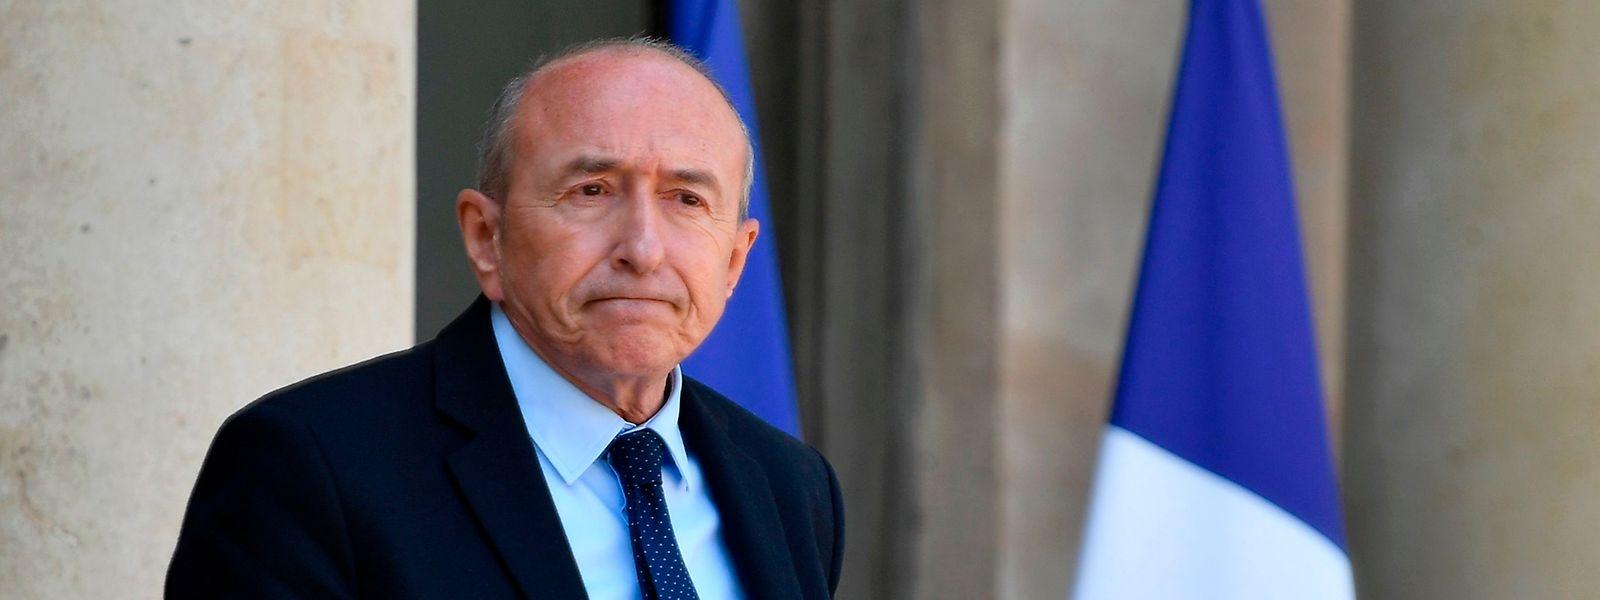 Der französische Innenminister Gérard Collomb bestätigte am Freitag die Festnahme.